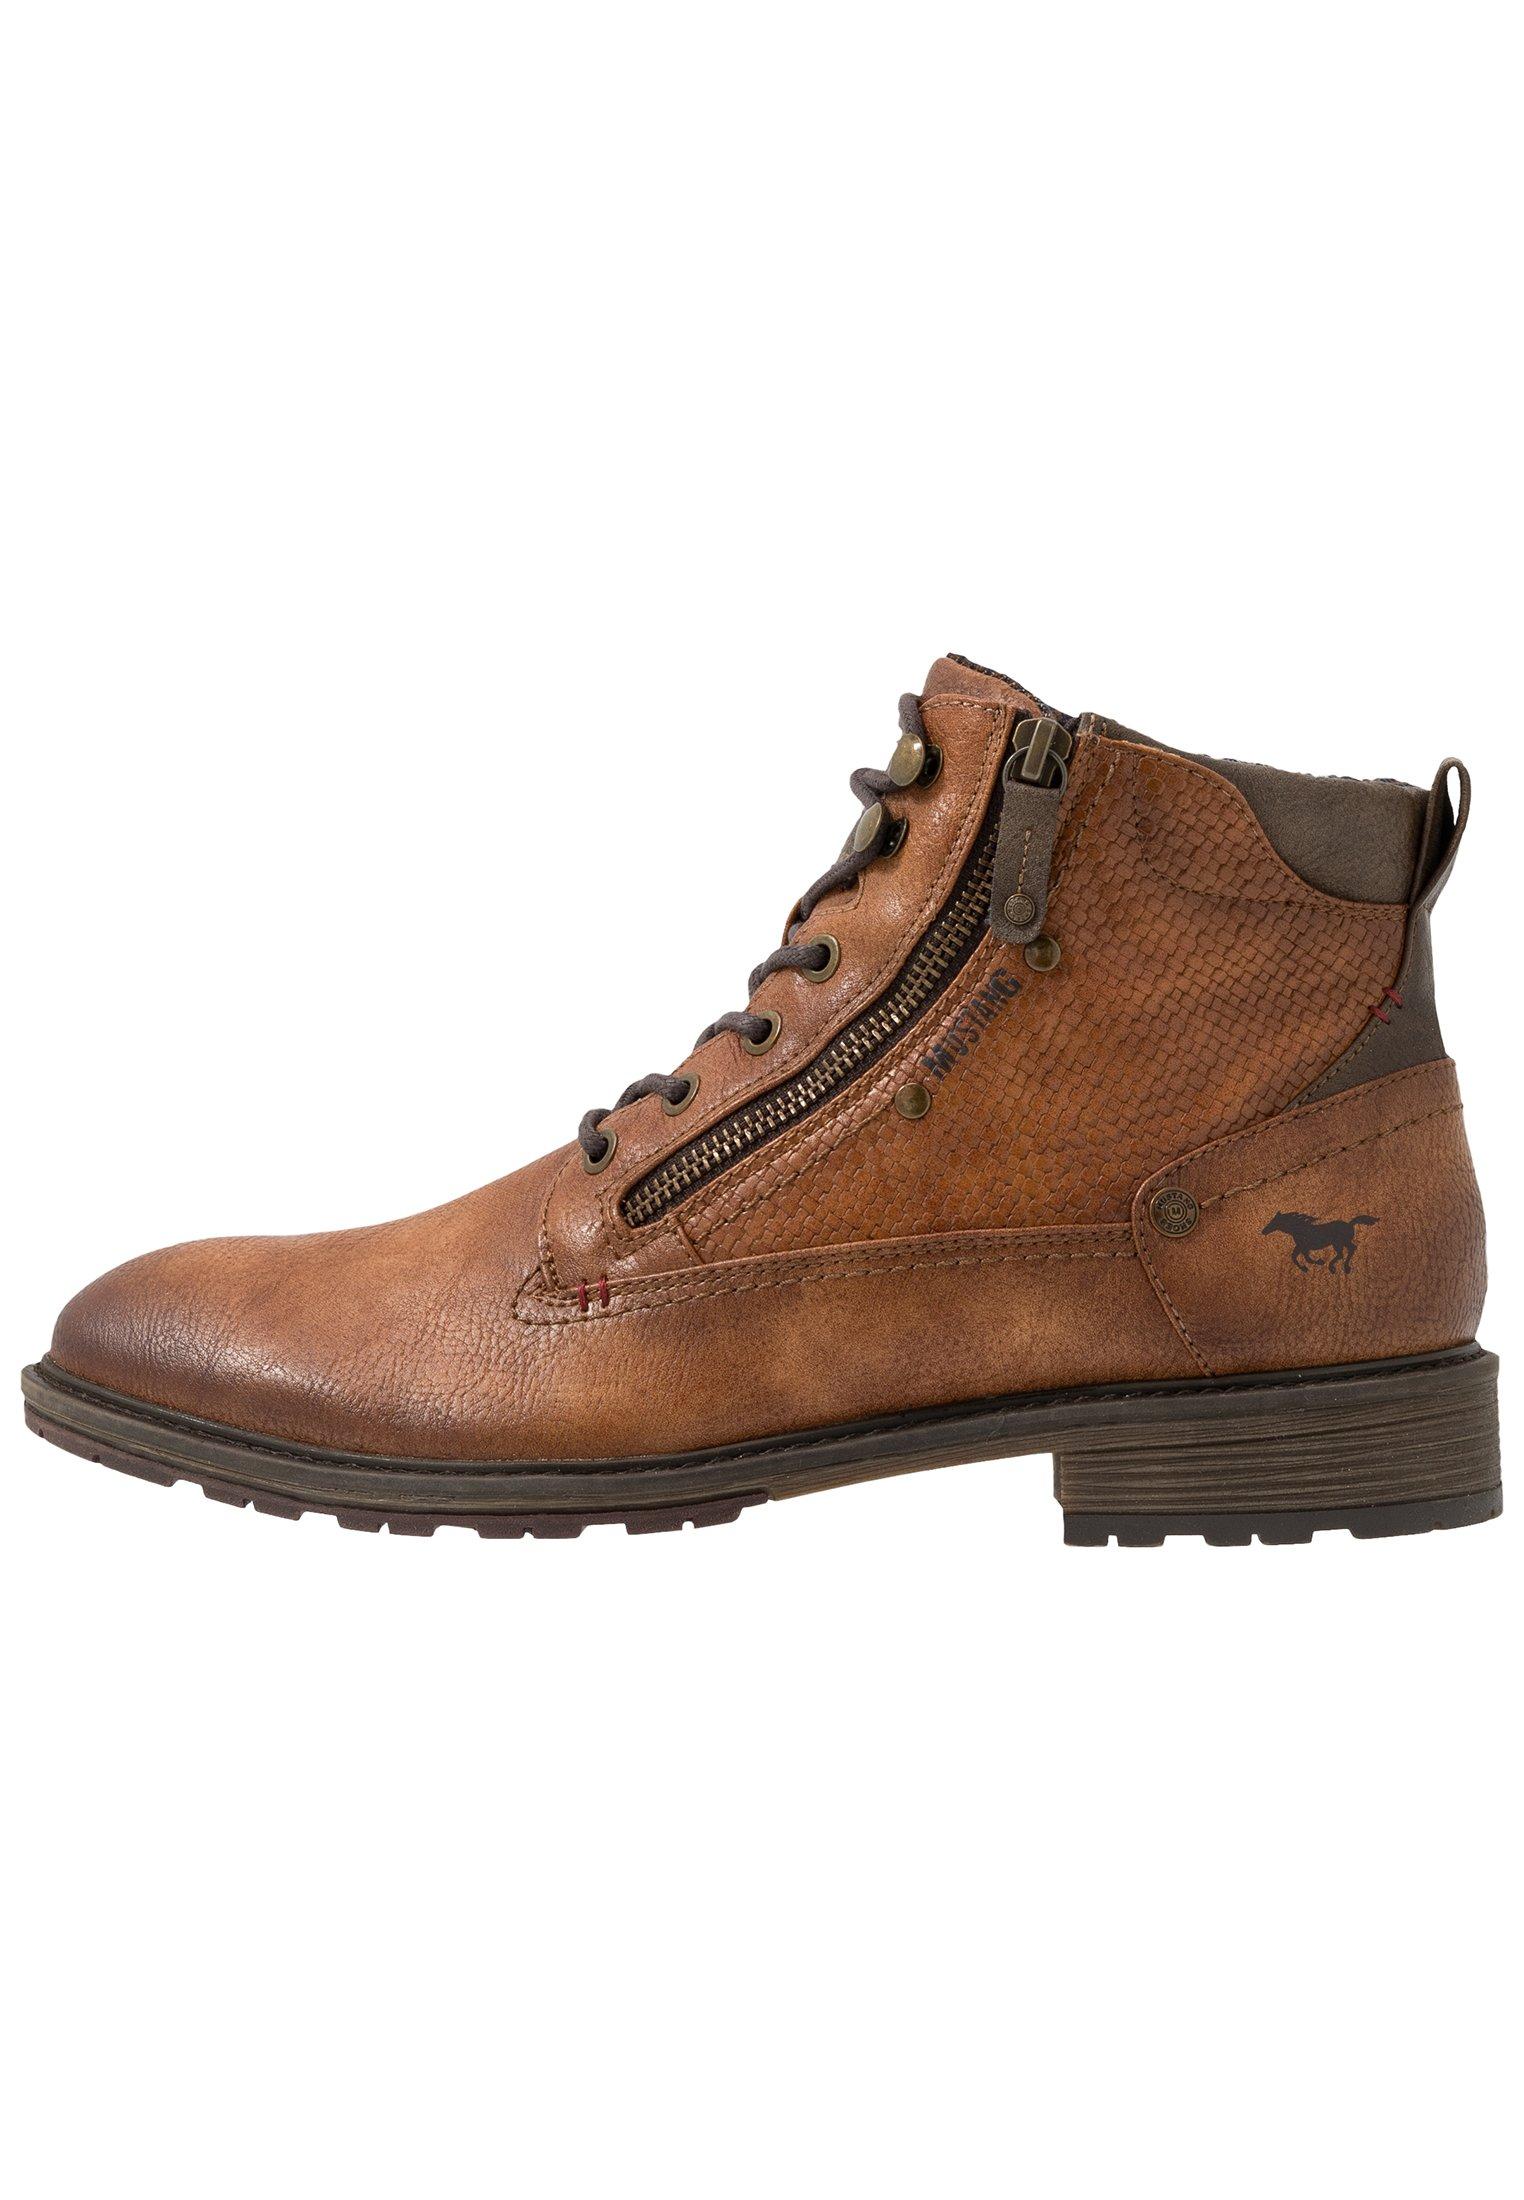 Boots & bottes homme | Tous les articles chez Zalando